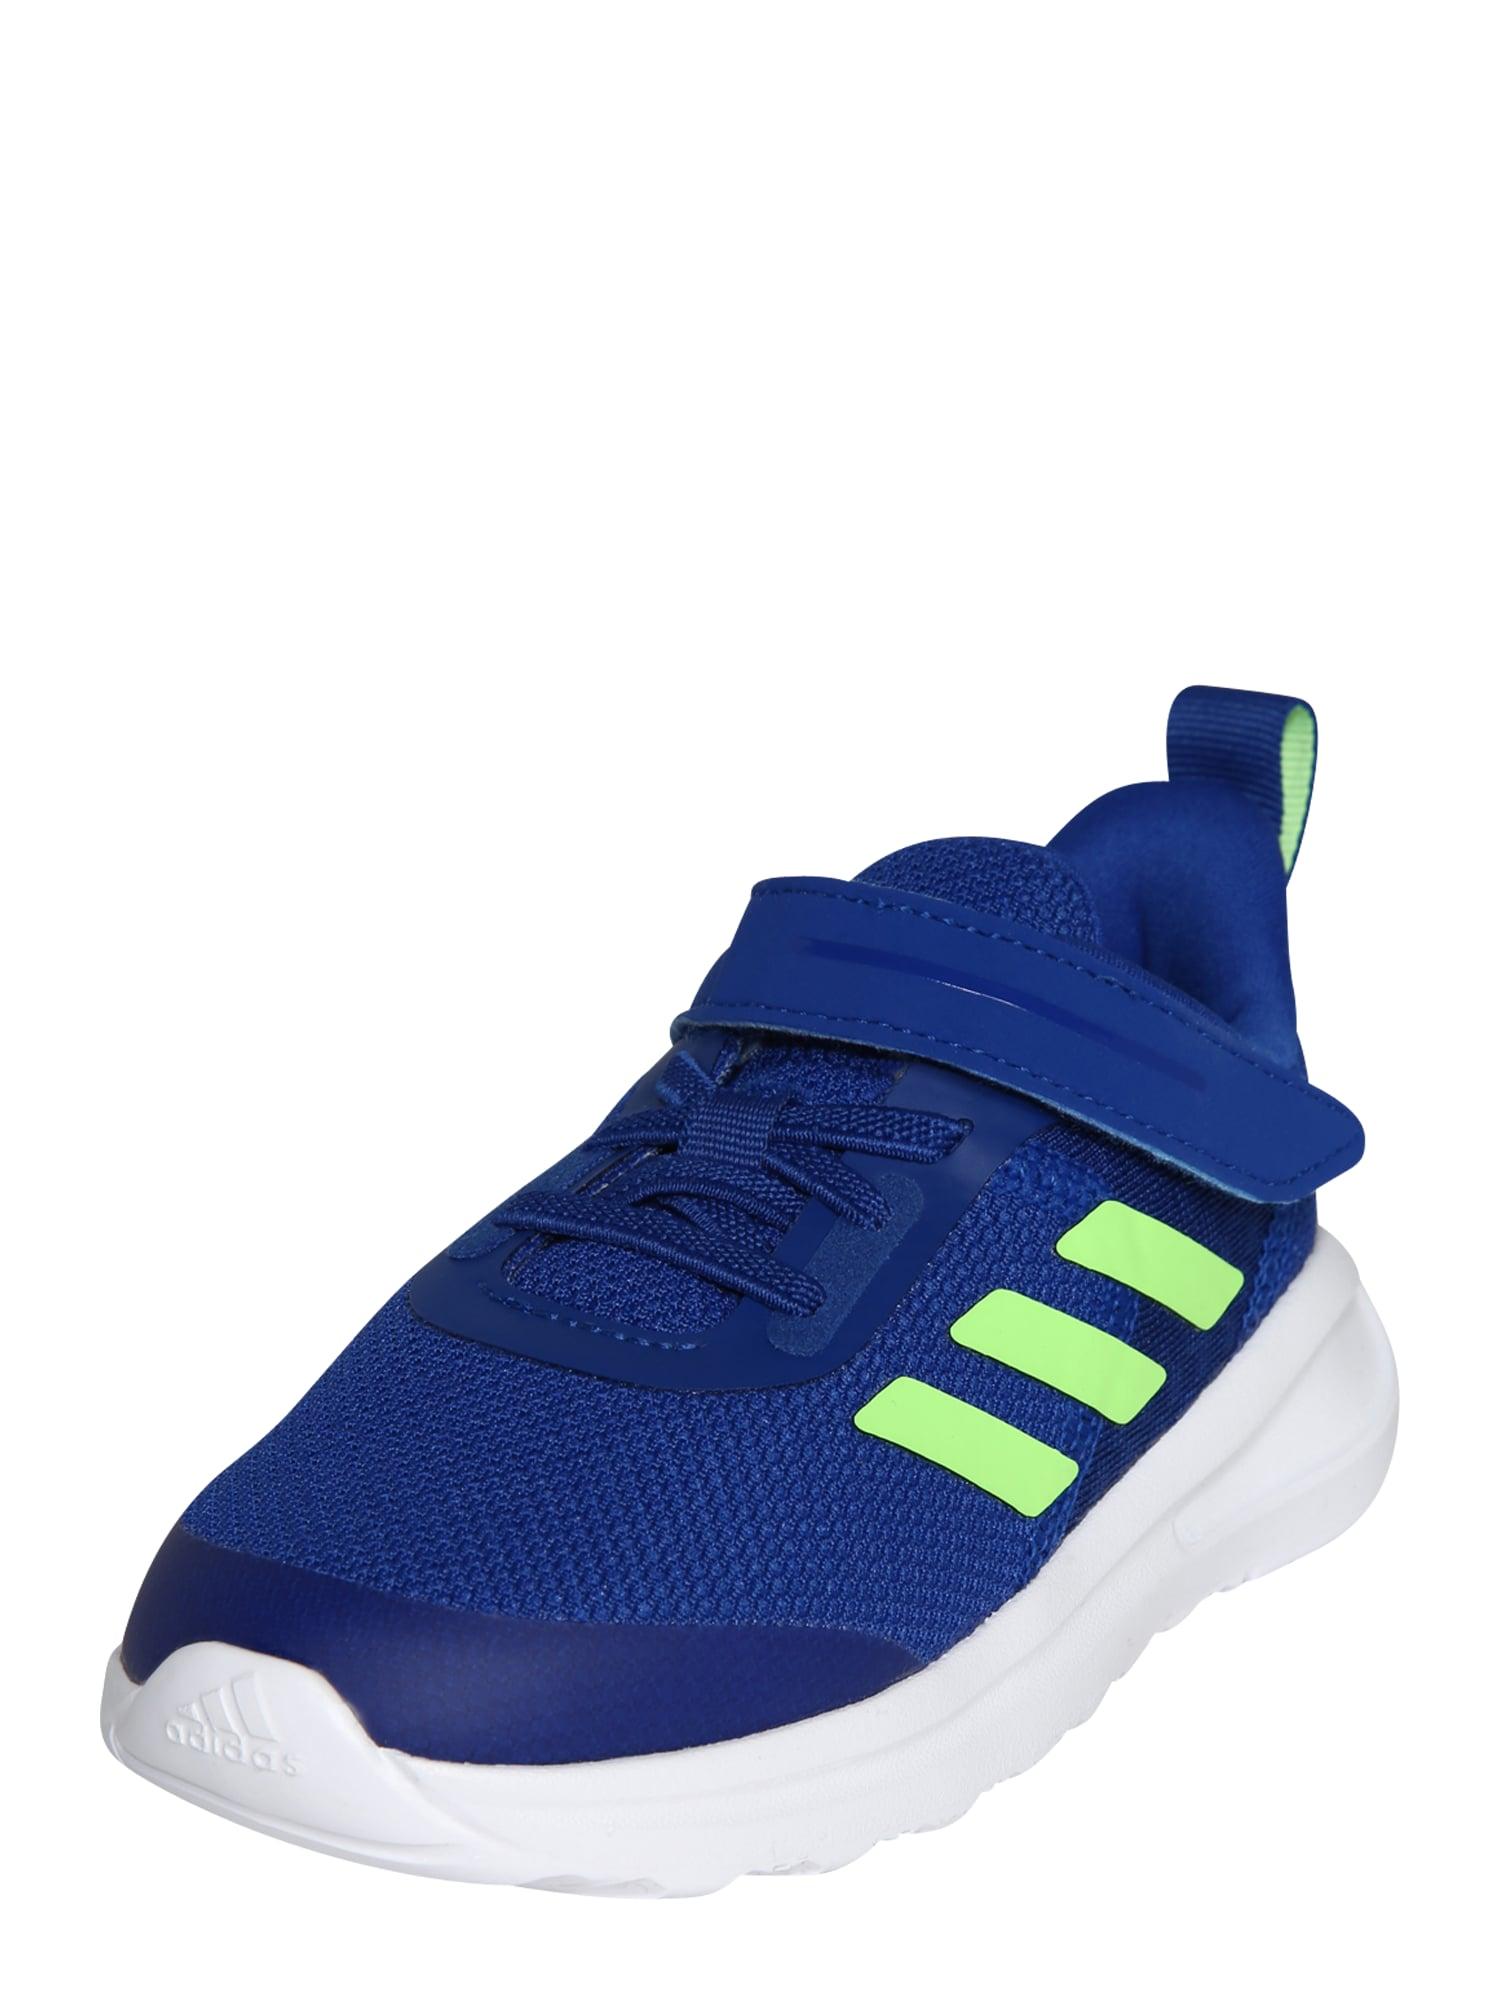 ADIDAS PERFORMANCE Sportiniai batai 'FortaRun 2020' balta / neoninė žalia / tamsiai mėlyna